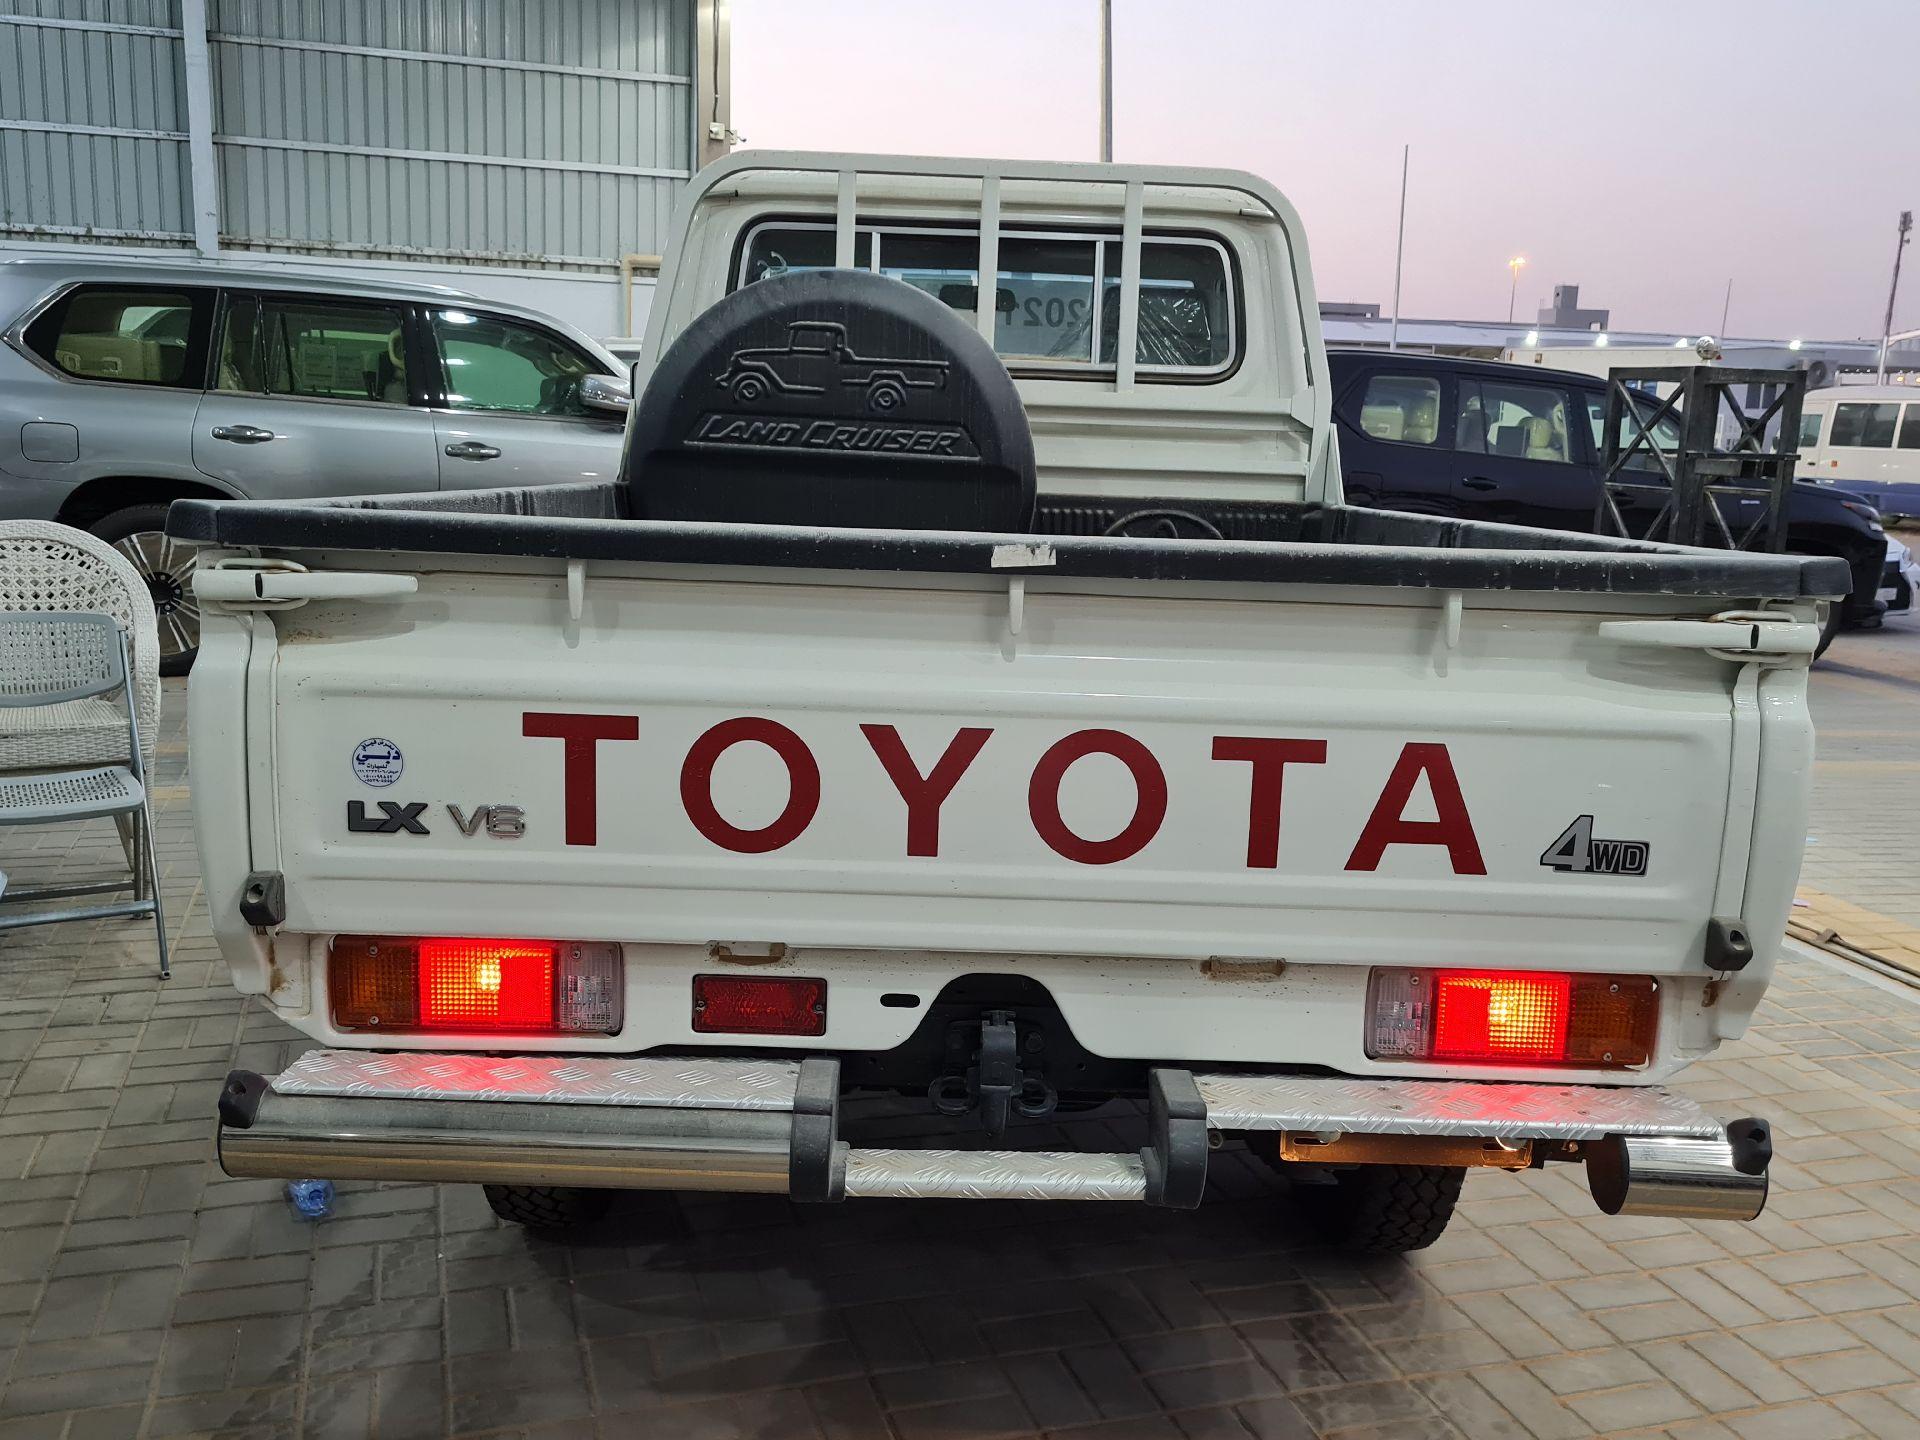 مباع - تويوتا شاص 2021 نص فل LX دبل غمارة سعودي جديد للبيع في الرياض - السعودية - صورة كبيرة - 3